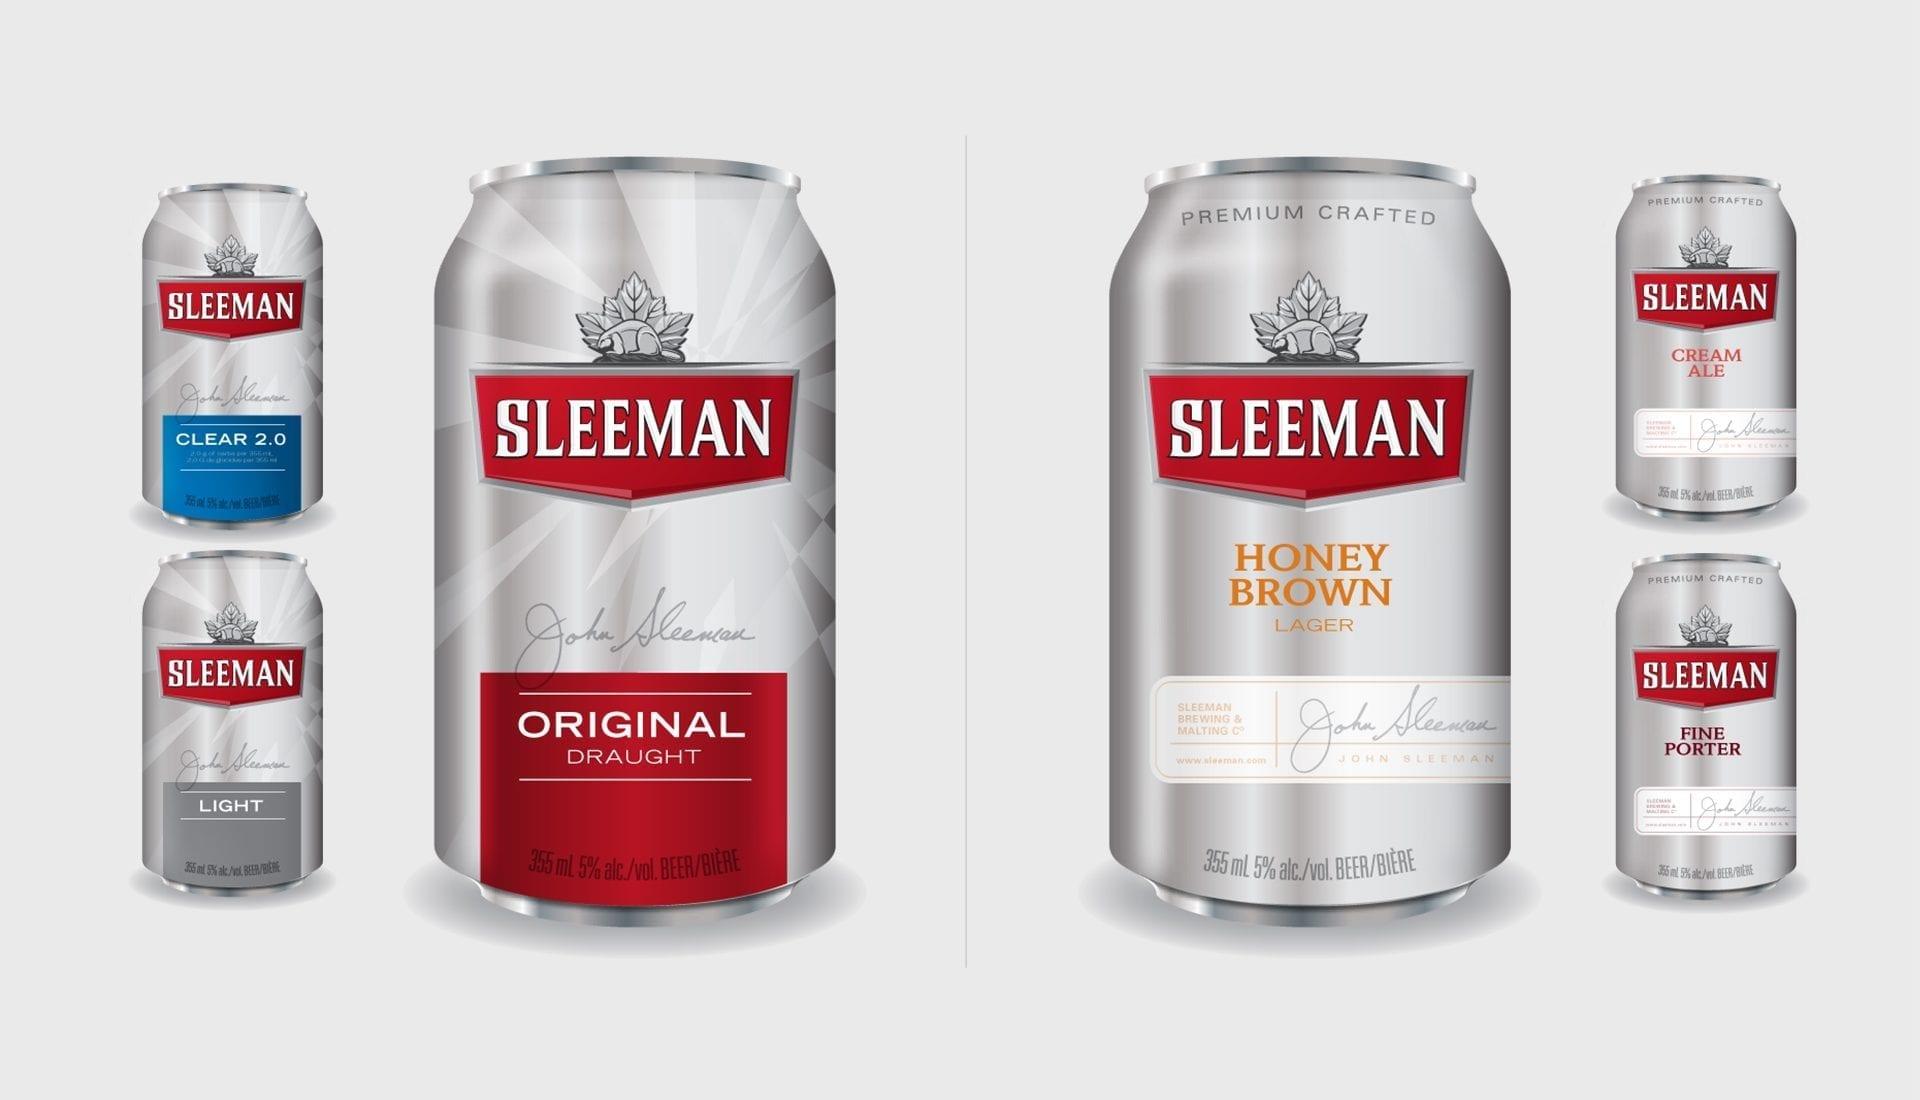 Sleeman beer can design concepts